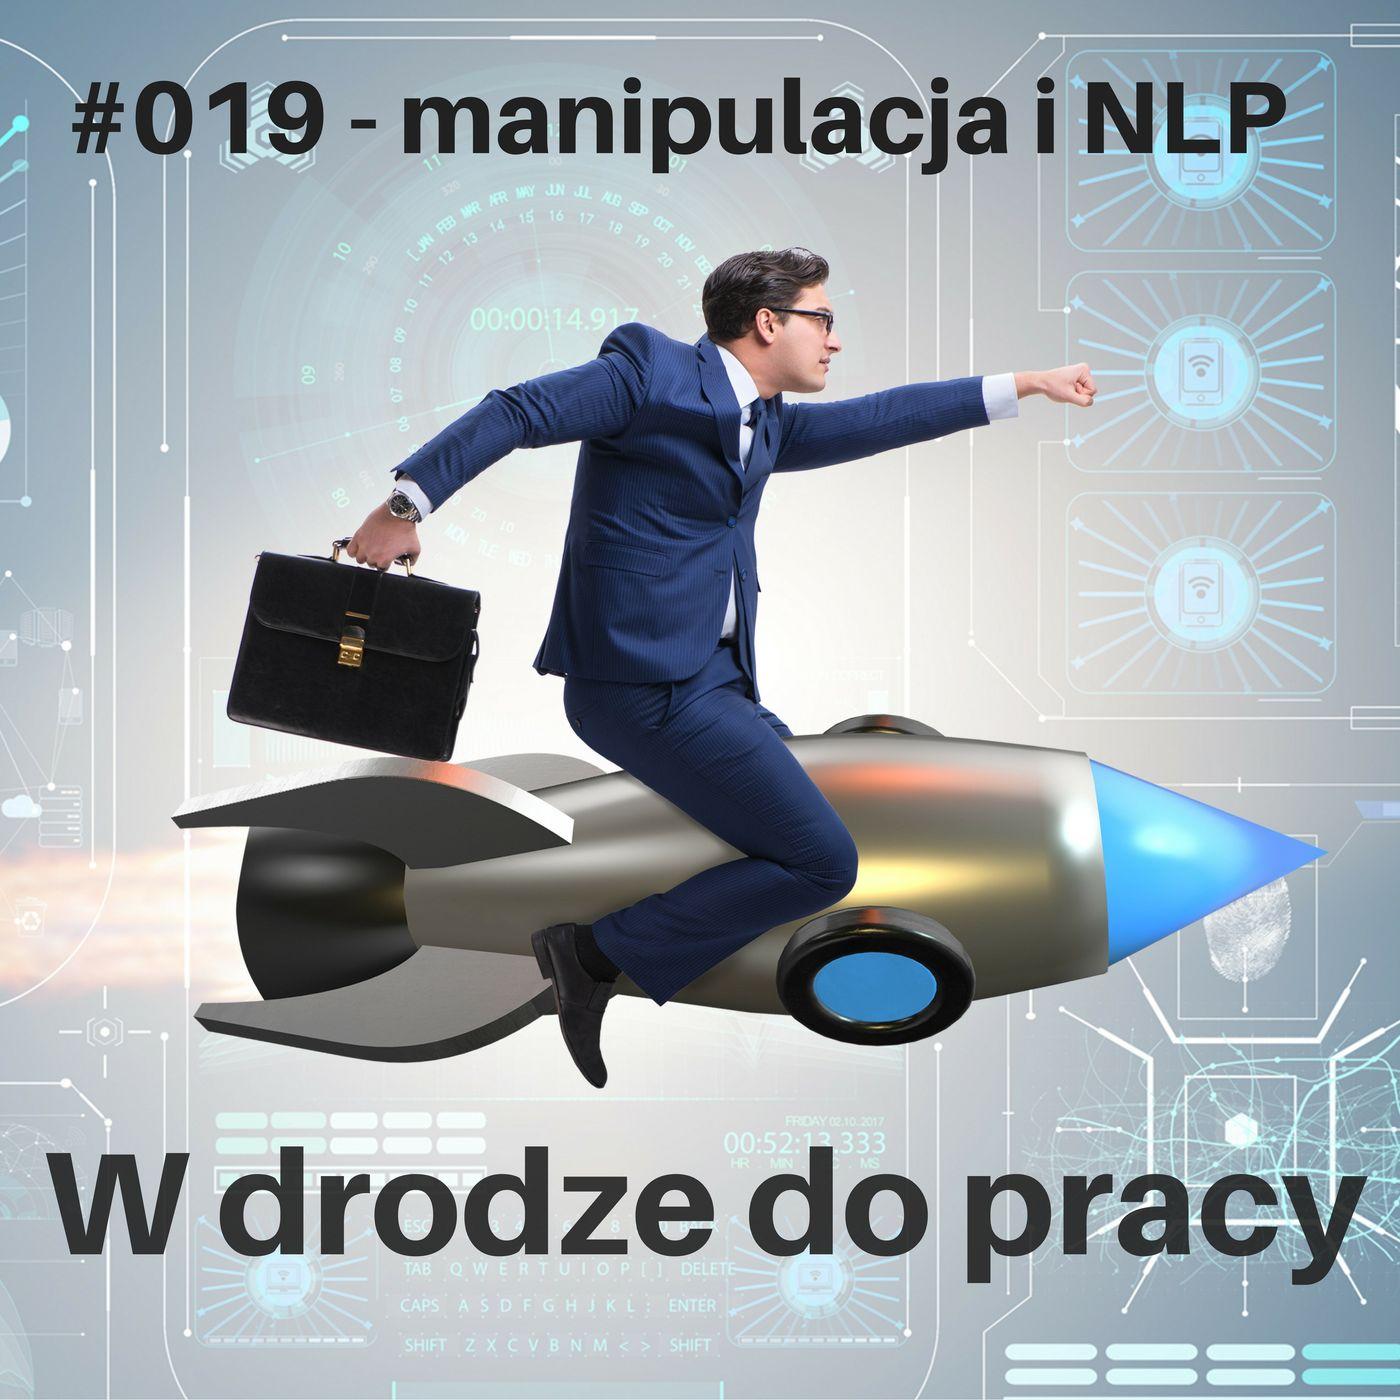 #019 - język wpływu i manipulacji, czyli czarne słowa NLP